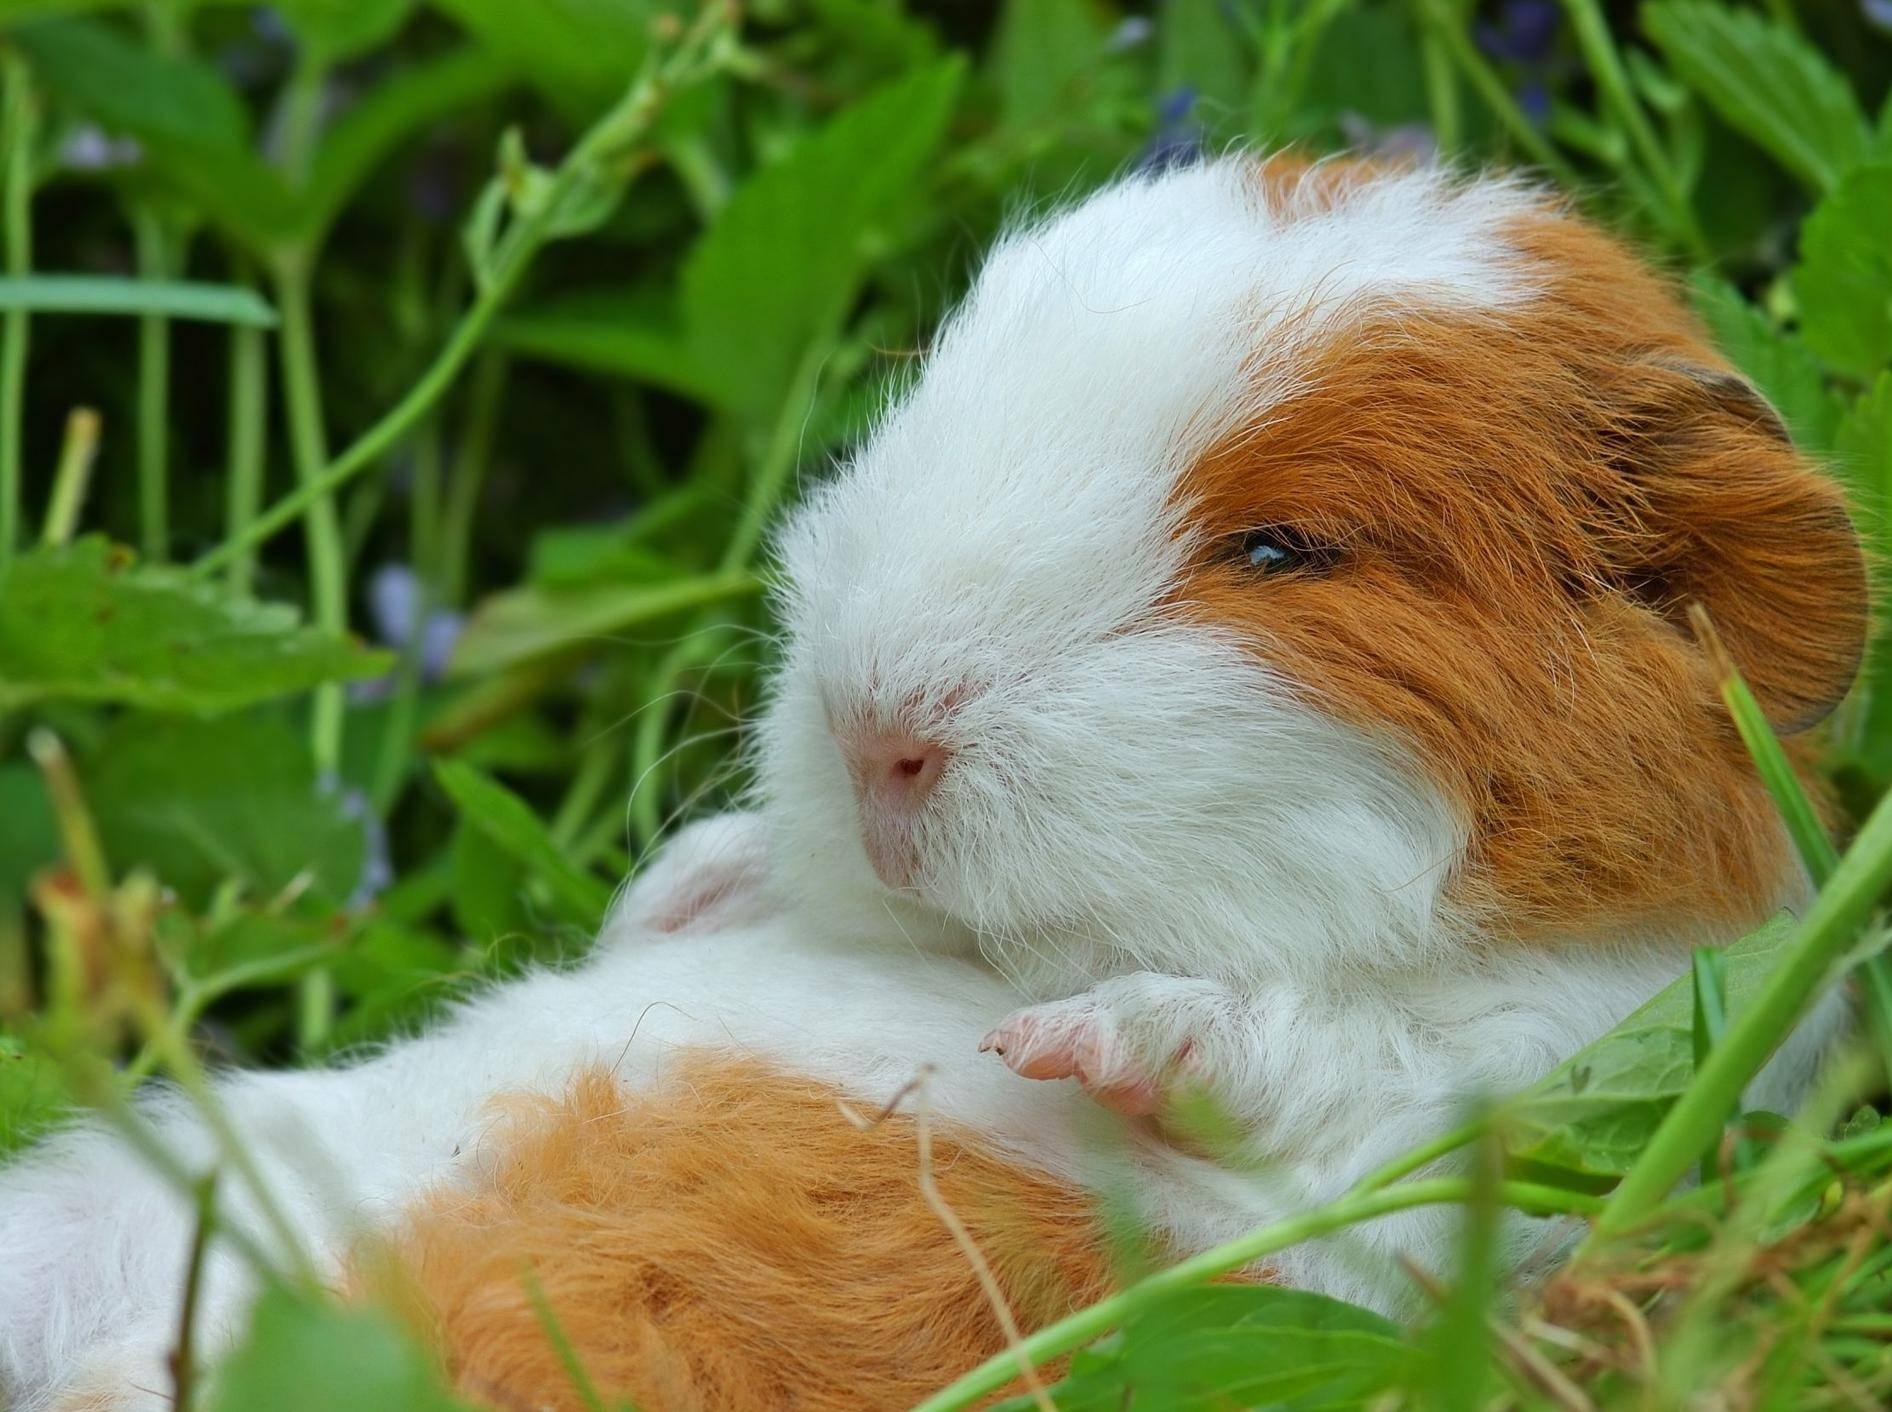 Meerschweinchen: Der knuffige Nager ist ein beliebtes Kinder-Haustier — Bild: Shutterstock / Ralph Loesche